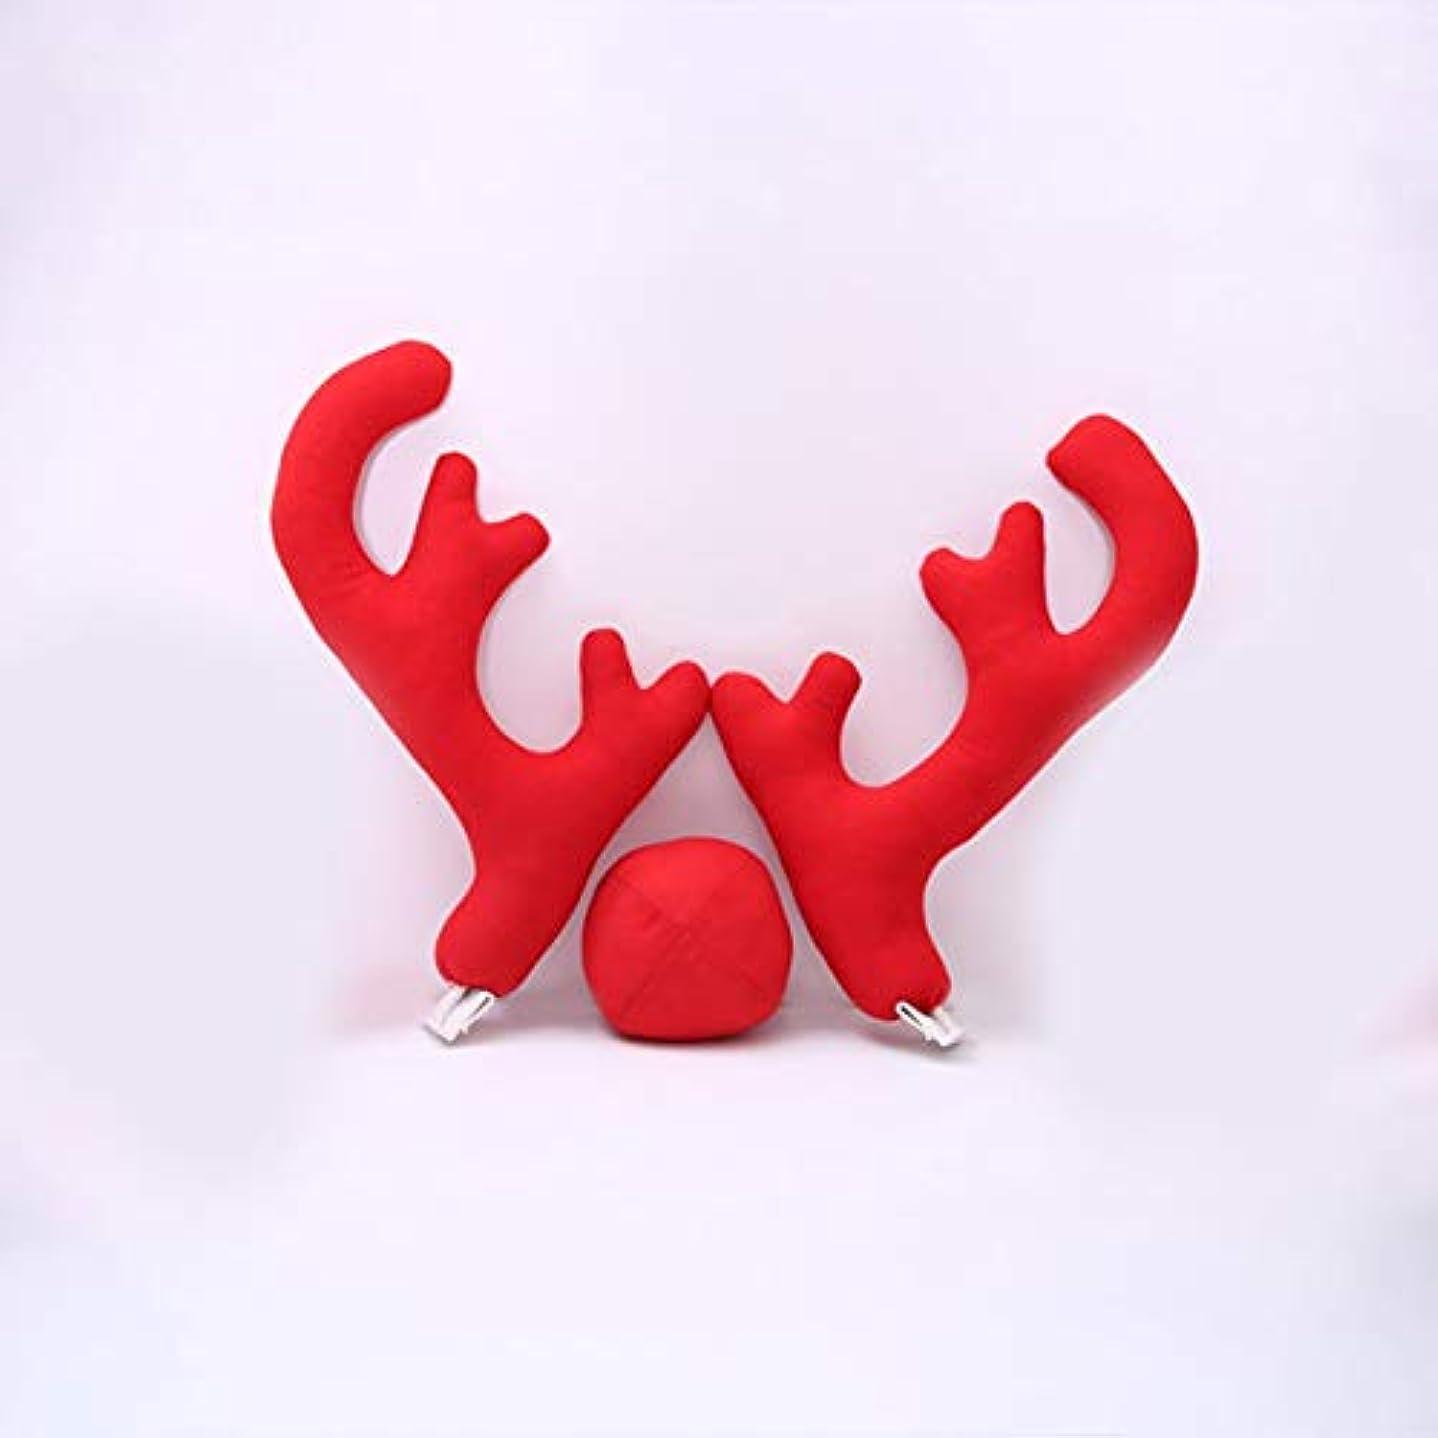 健康ワイヤー特別なSaikogoods 2アントラーズ1枚のトナカイ鼻2 Mirrowカバーで新しいデザインクリエイティブクリスマスオートカーコスチュームの装飾フルセット 赤